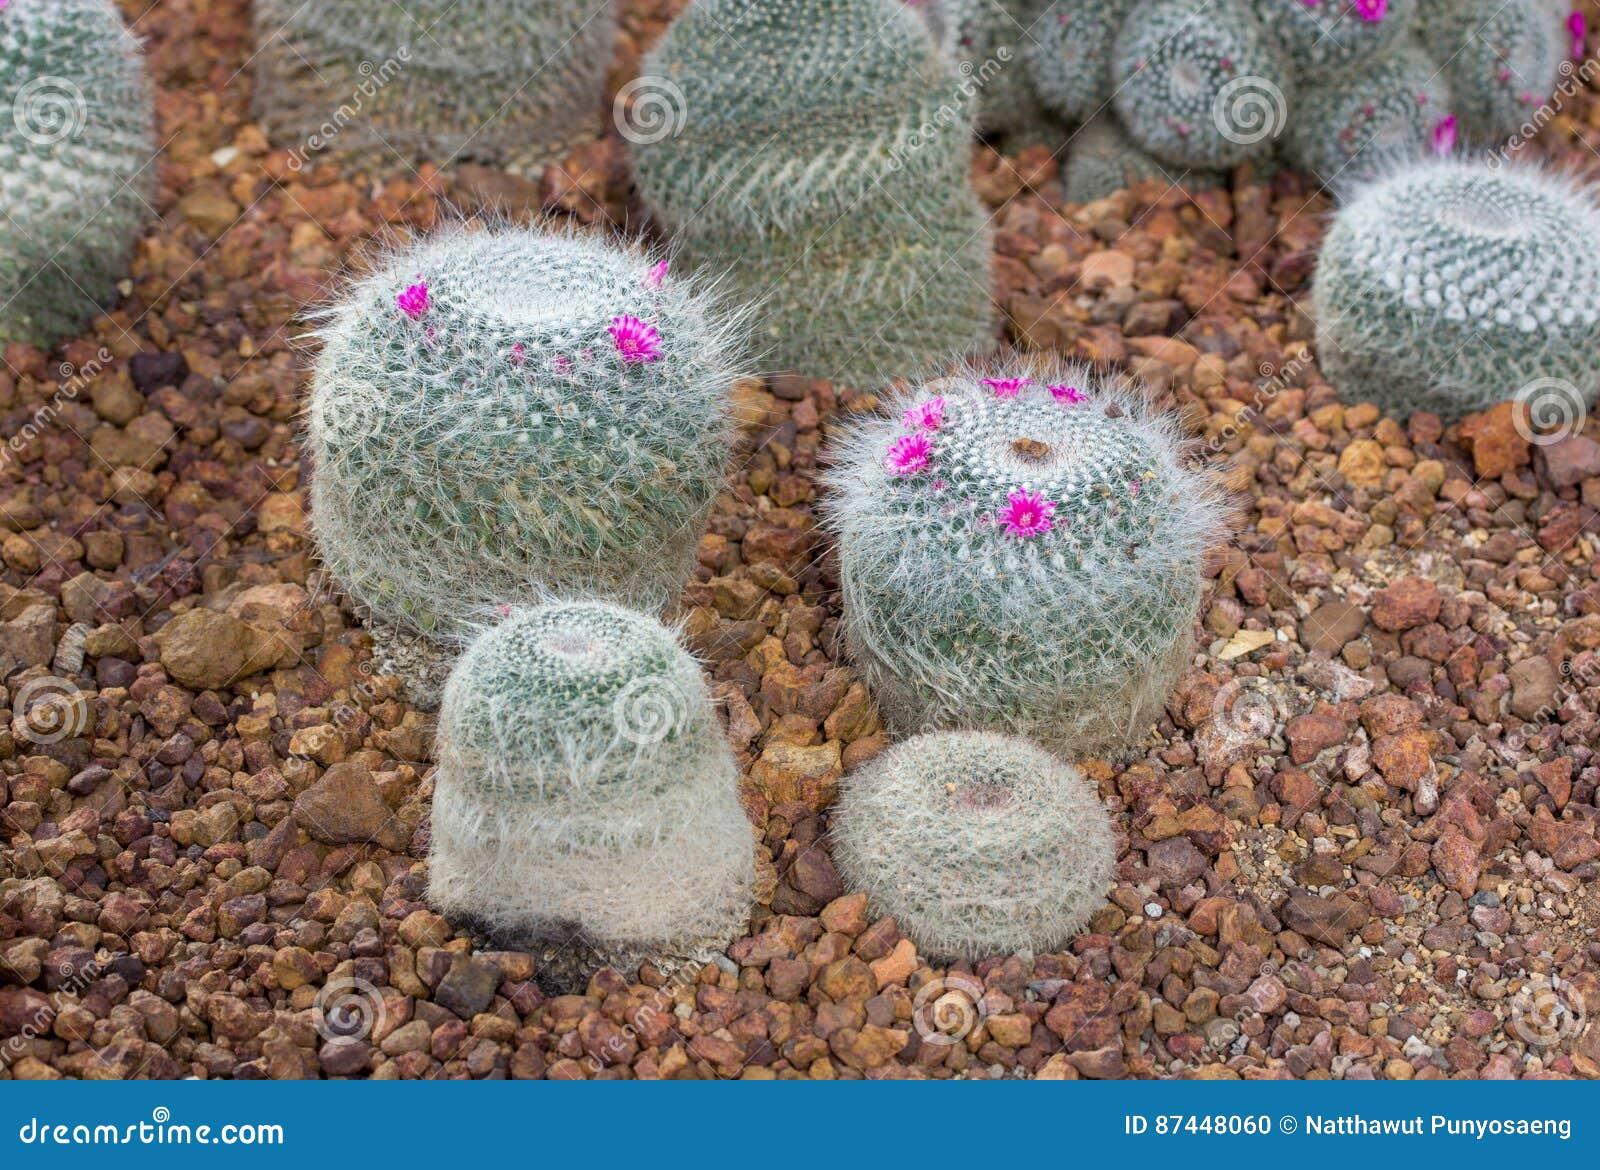 Usine De Cactus De Pelote A Epingles Avec La Fleur Rose Photo Stock